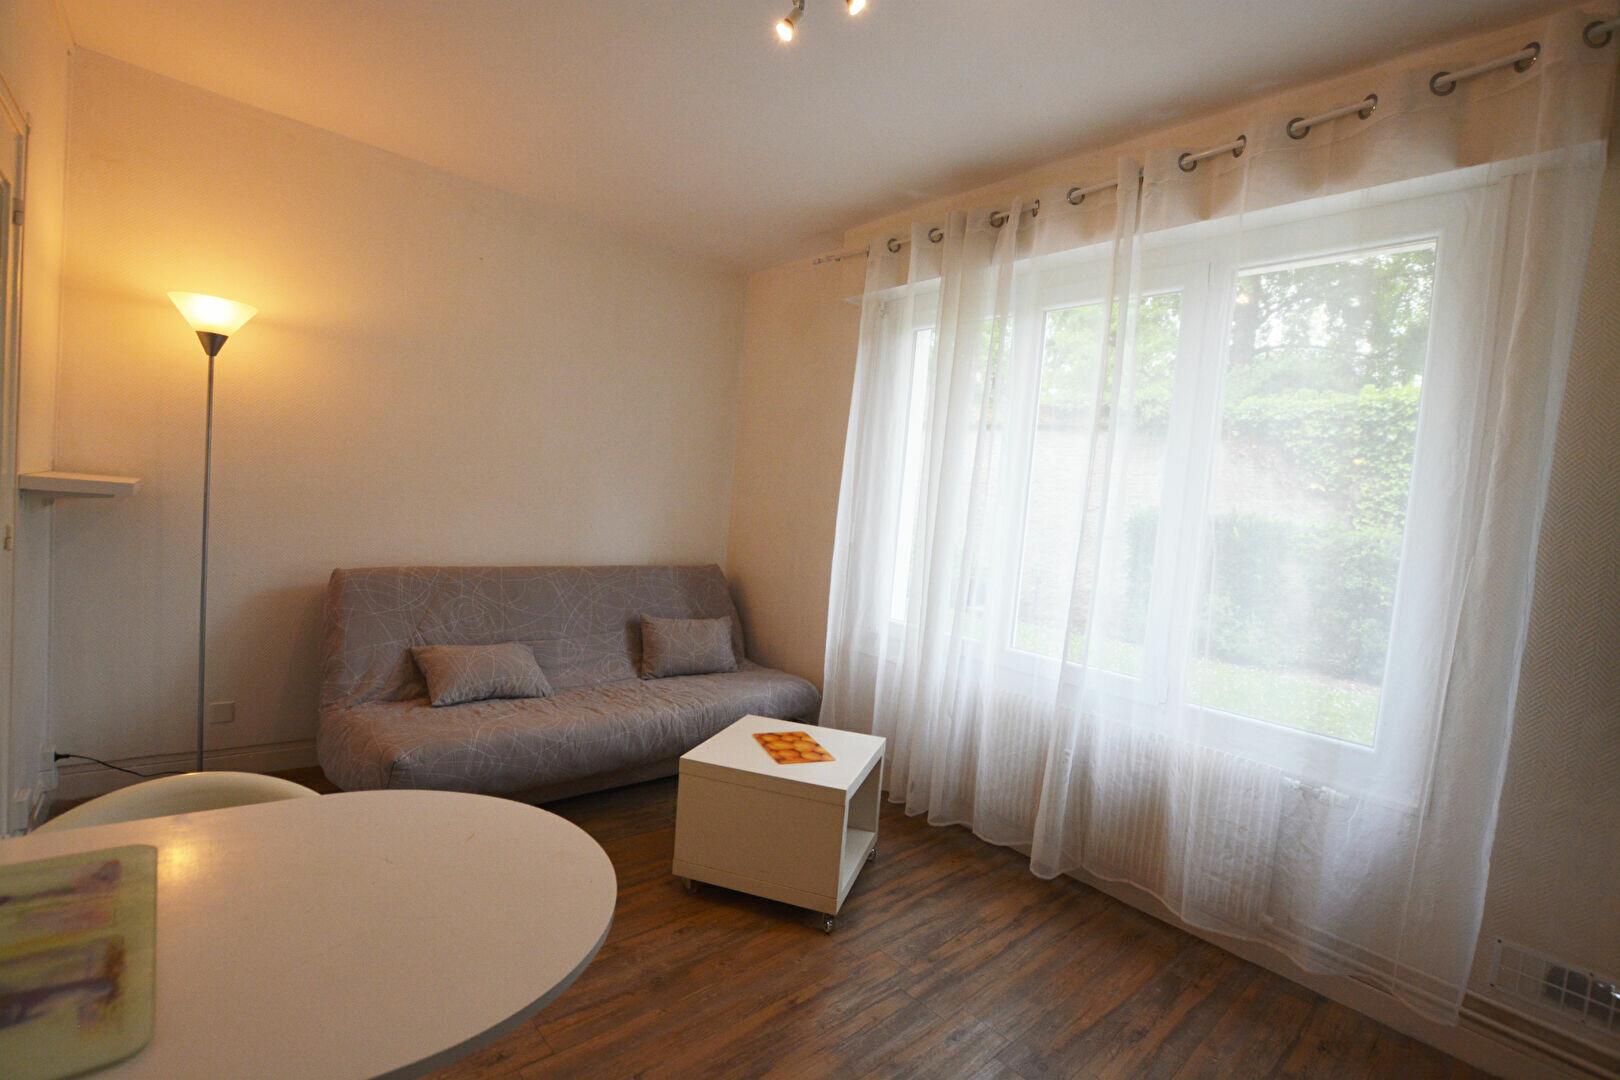 Appartement à louer 1 18.96m2 à Abbeville vignette-1